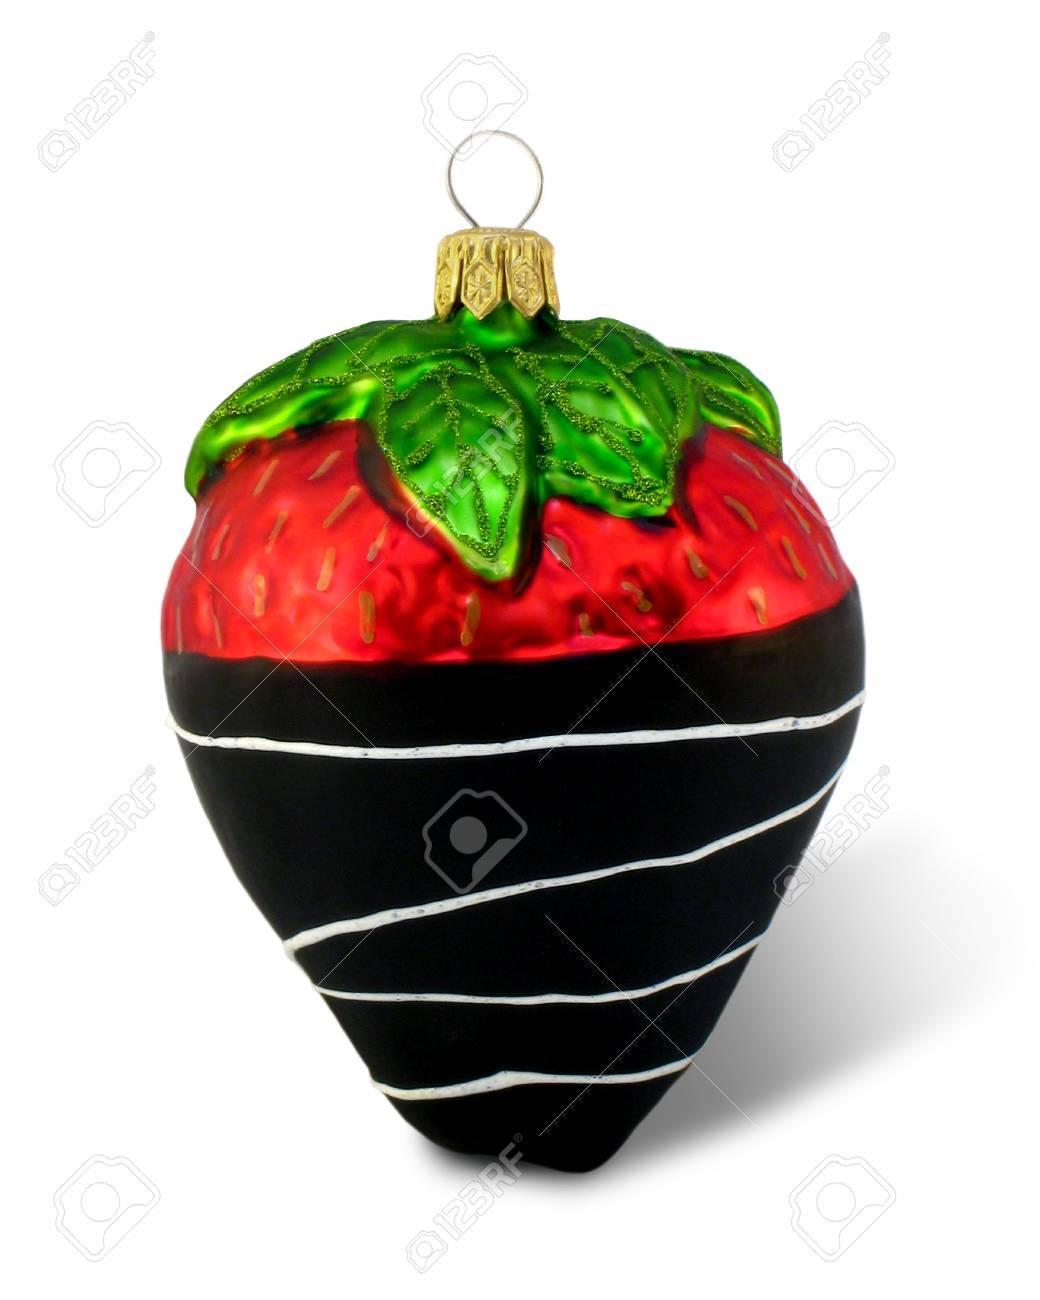 Chocolate-Scheinwerfer Für Erdbeere Ornament Für Weihnachten; Makro ...